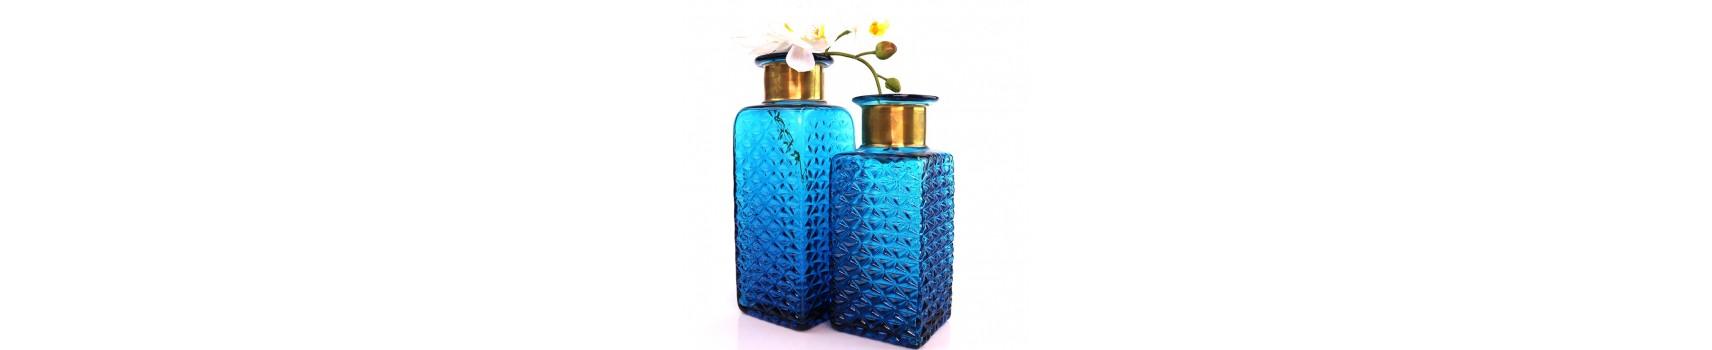 כלי זכוכית בצבע כחול